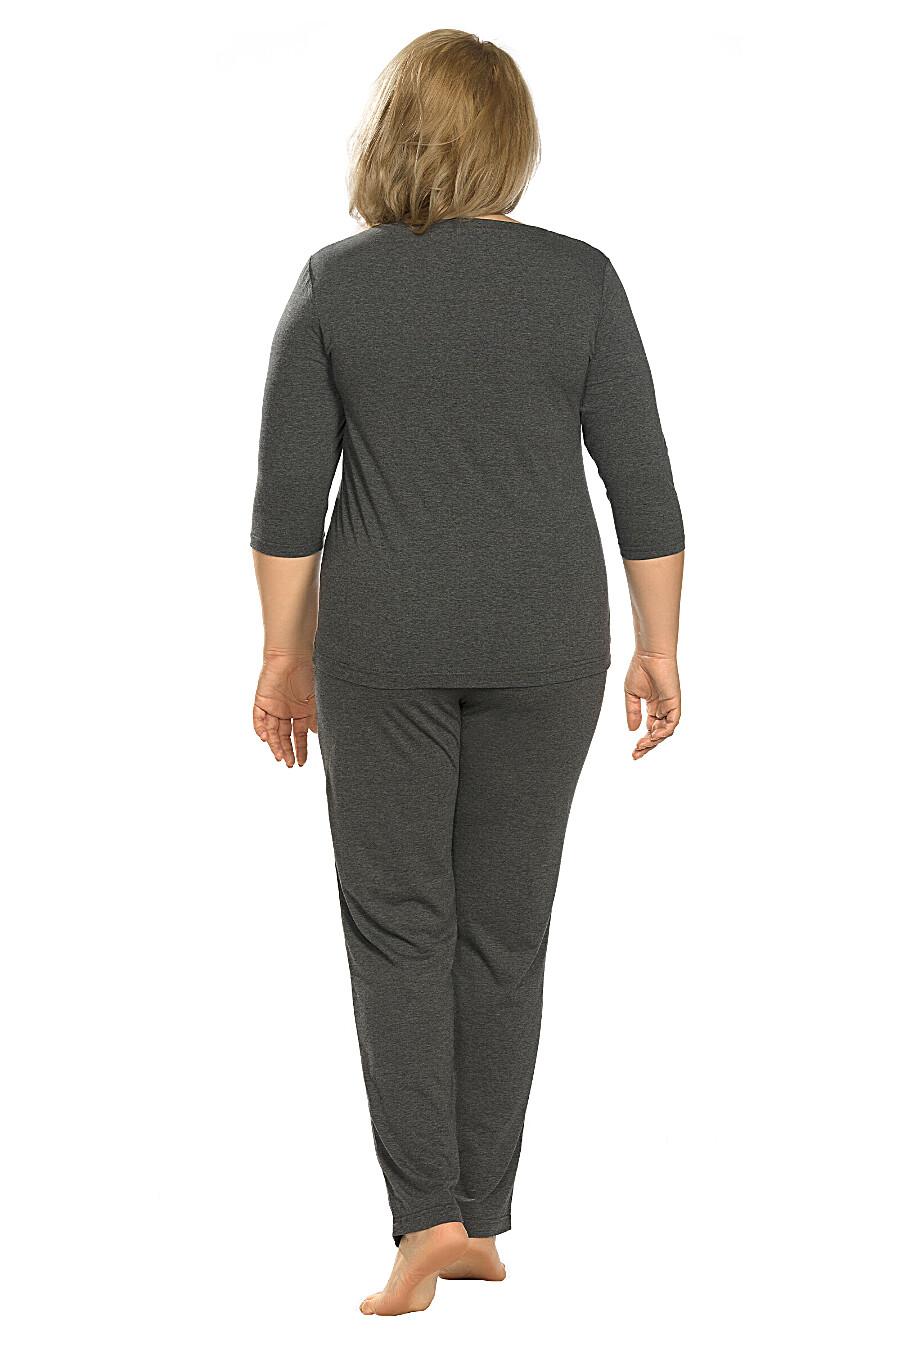 Комплект для женщин PELICAN 161499 купить оптом от производителя. Совместная покупка женской одежды в OptMoyo